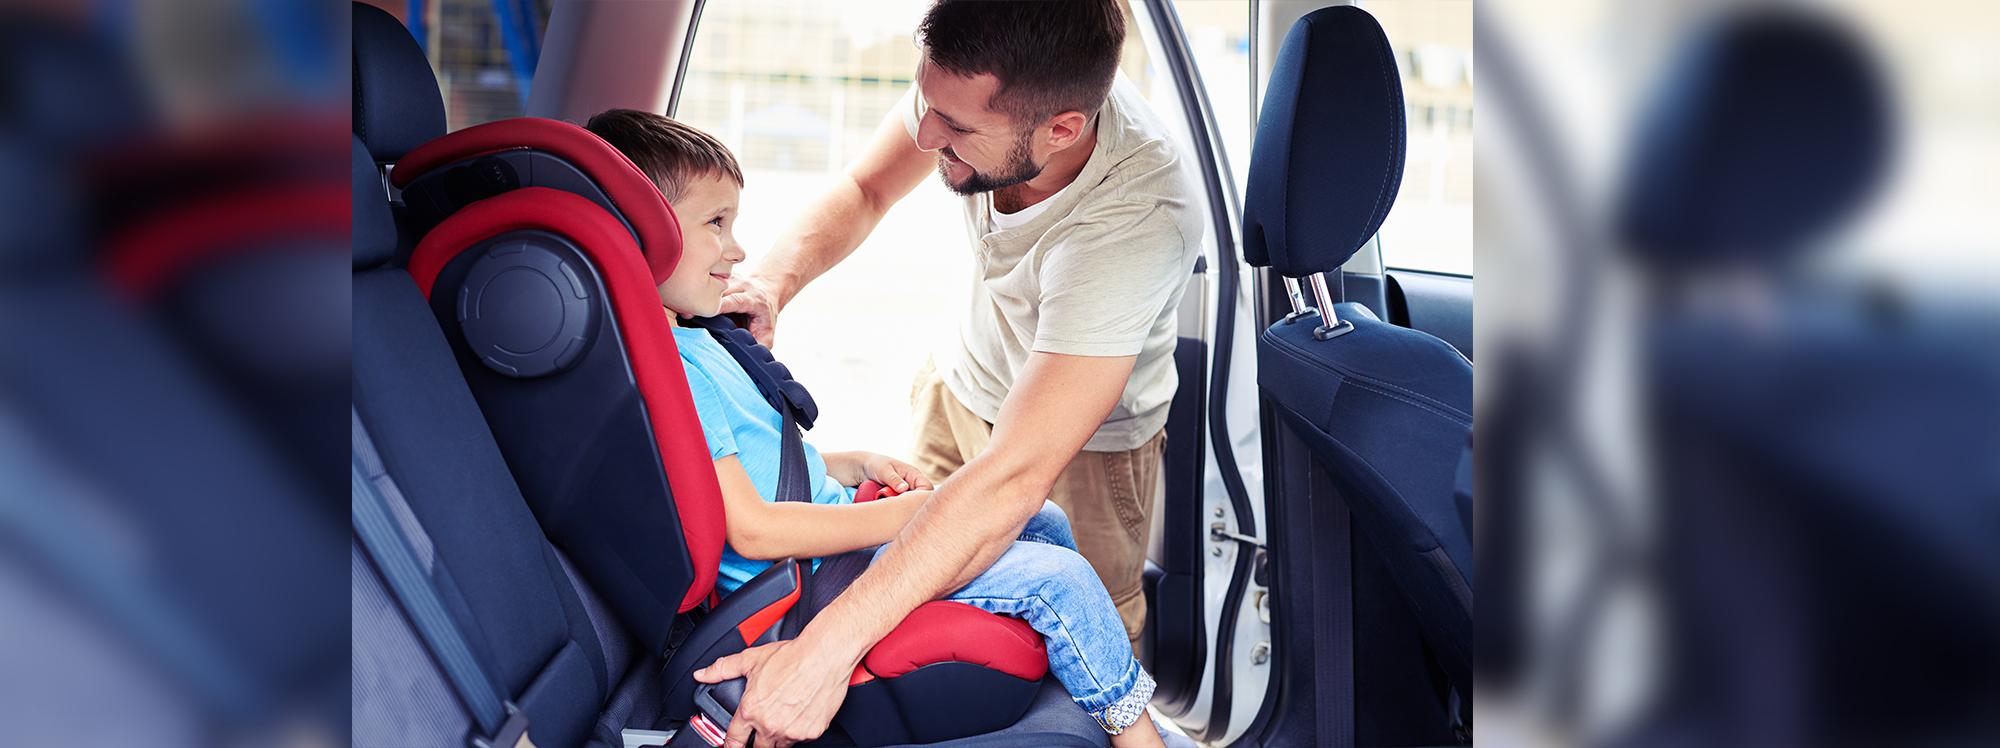 ¿Cómo cuidar la seguridad de los pequeños mientras van en el auto?